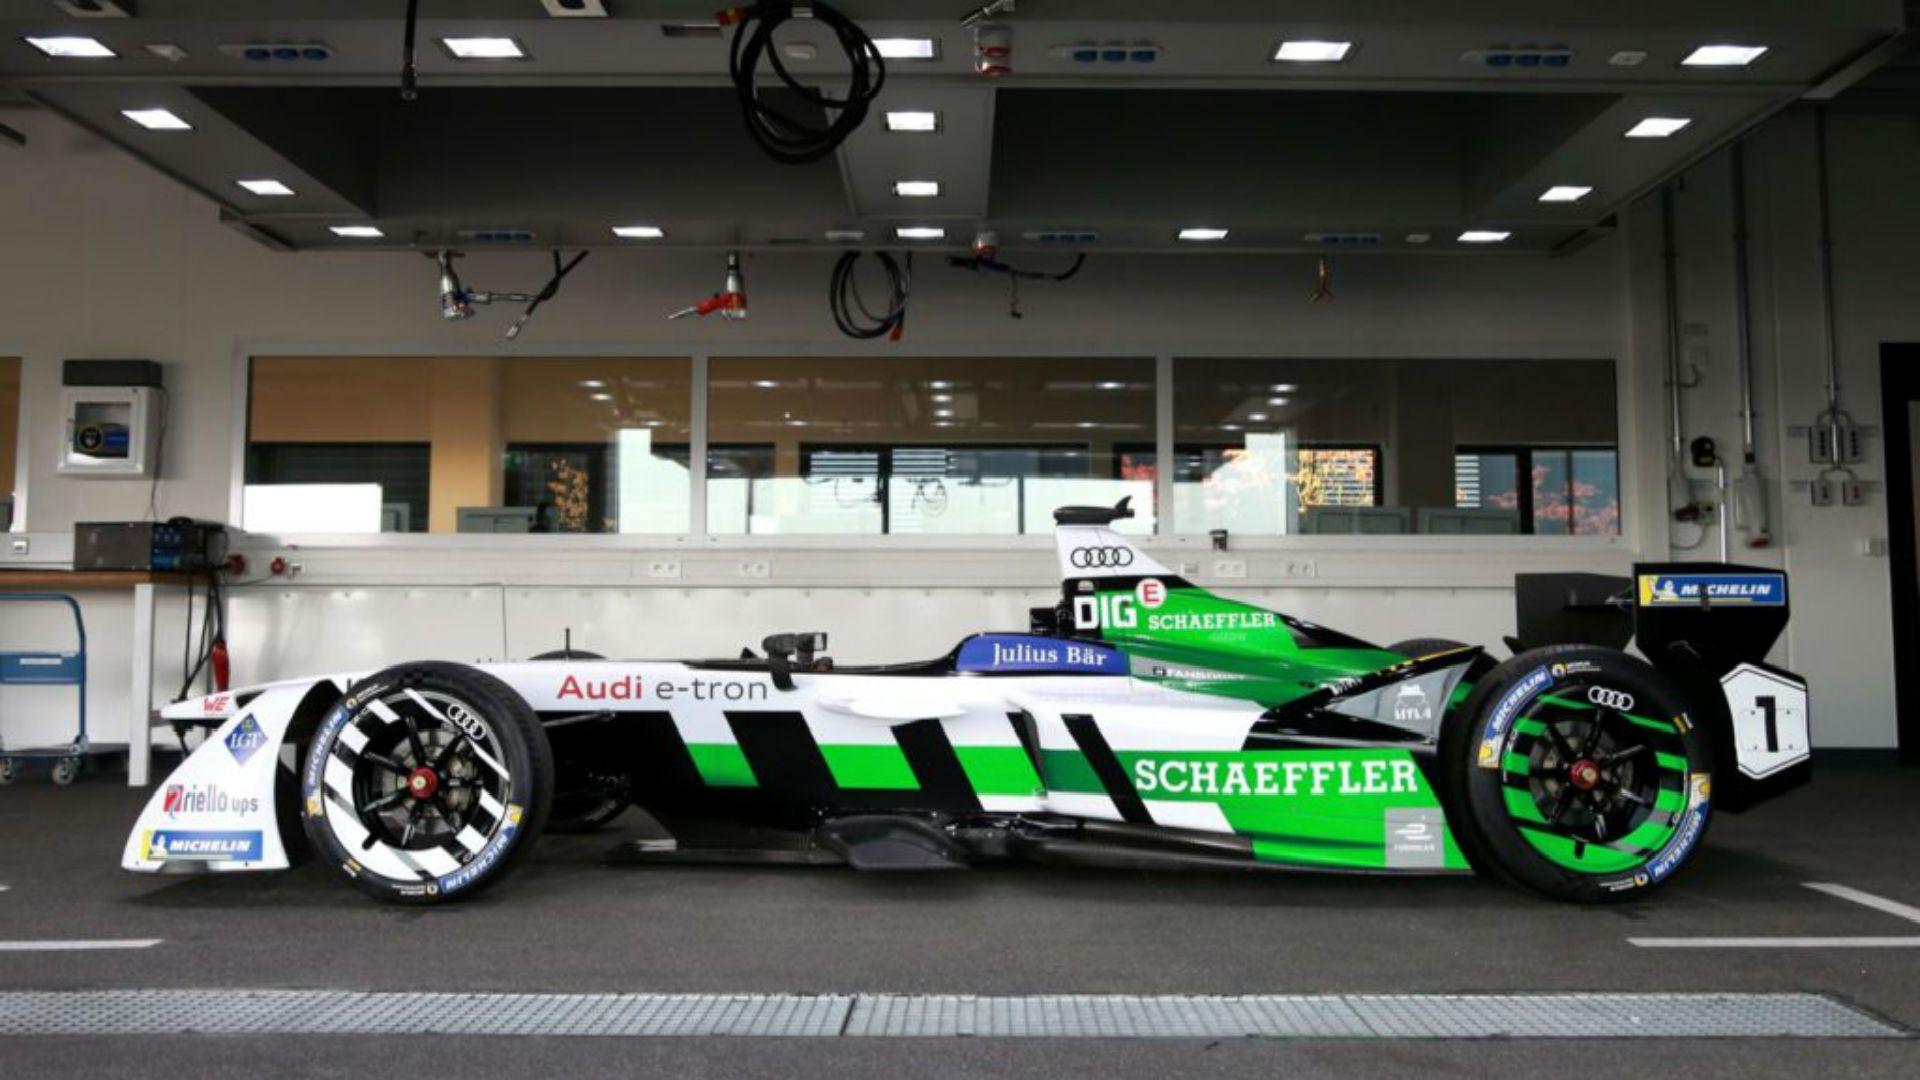 Audi представила первый электромобиль Audi e-tron FE04 для Формулы Е 3